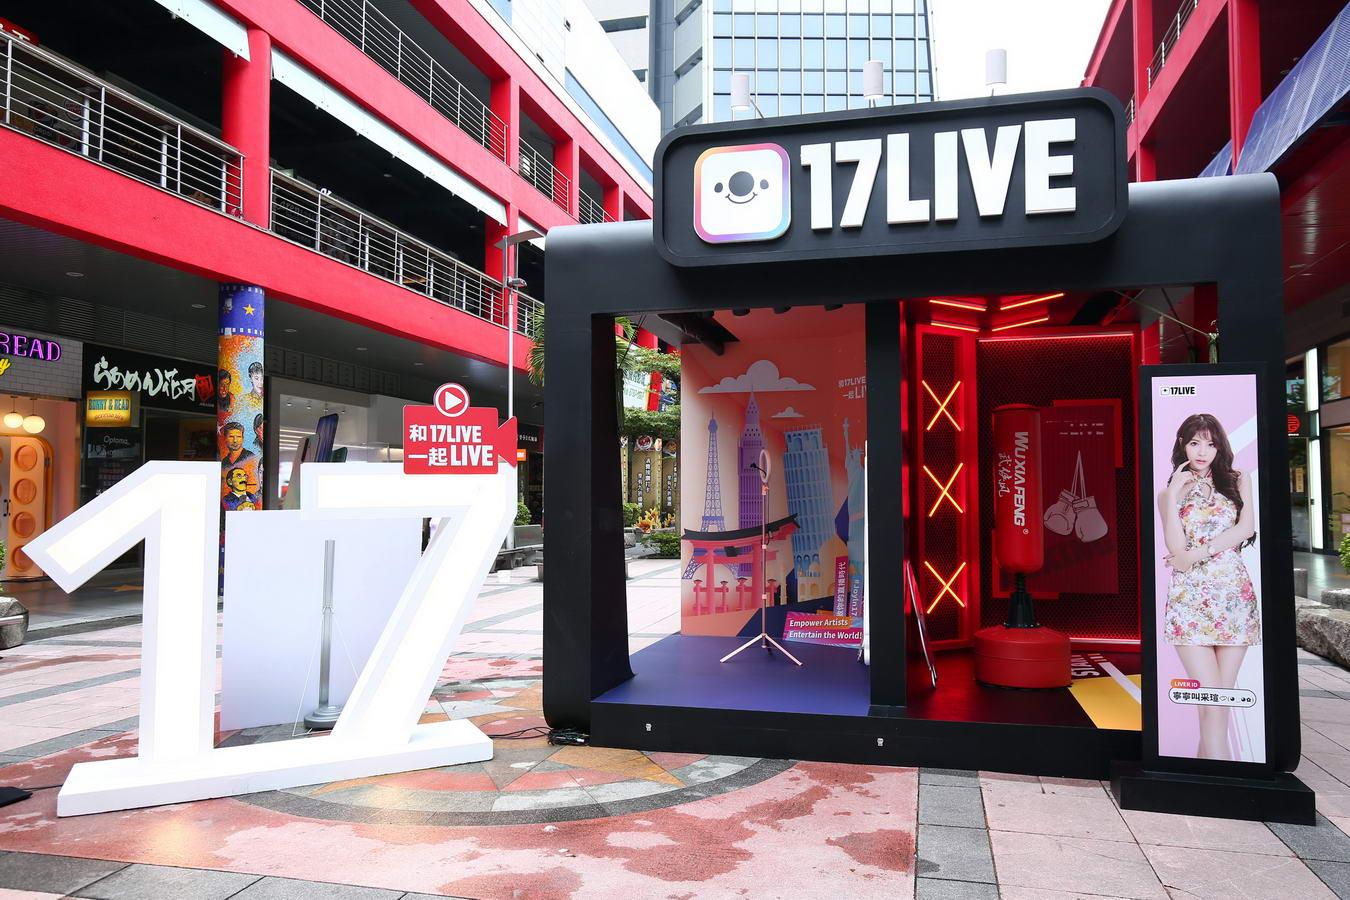 17LIVE 宣告直播3.0來臨,啟動夢想製造所跨界計劃,於信義威秀中庭廣場打造時尚直播展間,於9月25日_10月18日間舉辦「17時尚盛典・信義威秀展覽」